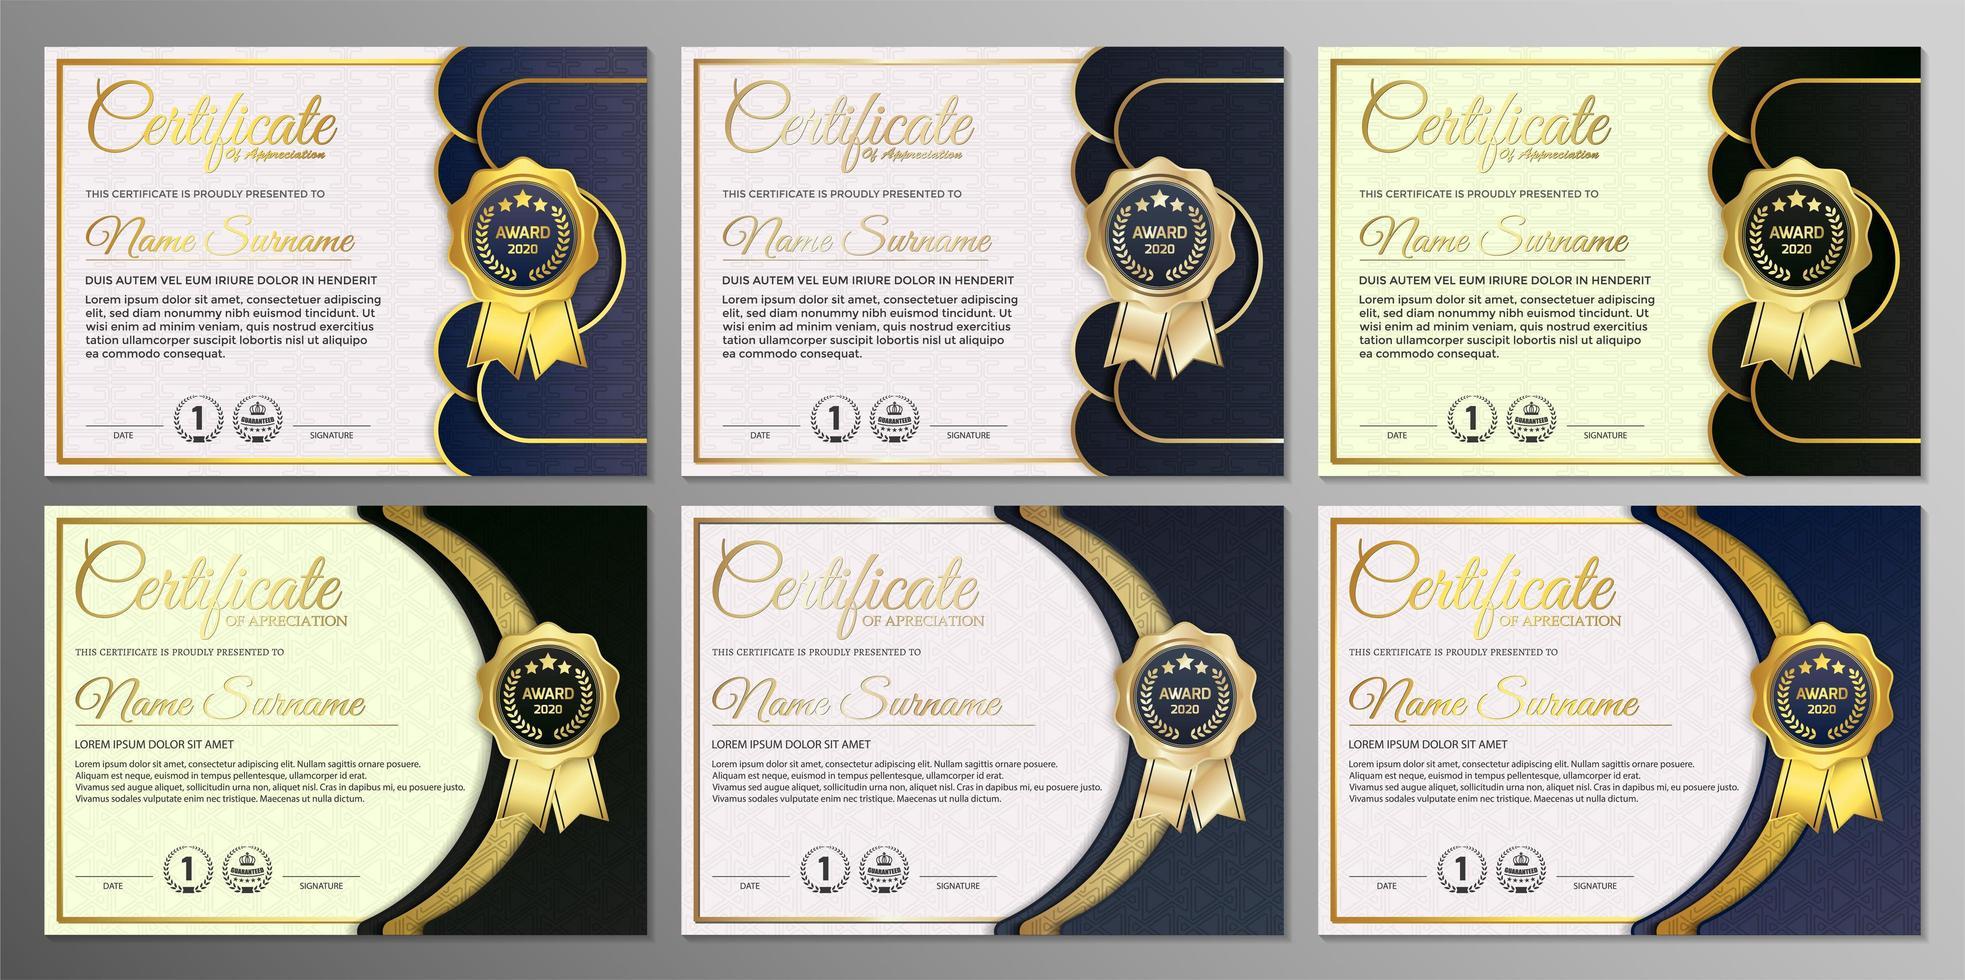 certificat d'appréciation avec badge doré vecteur